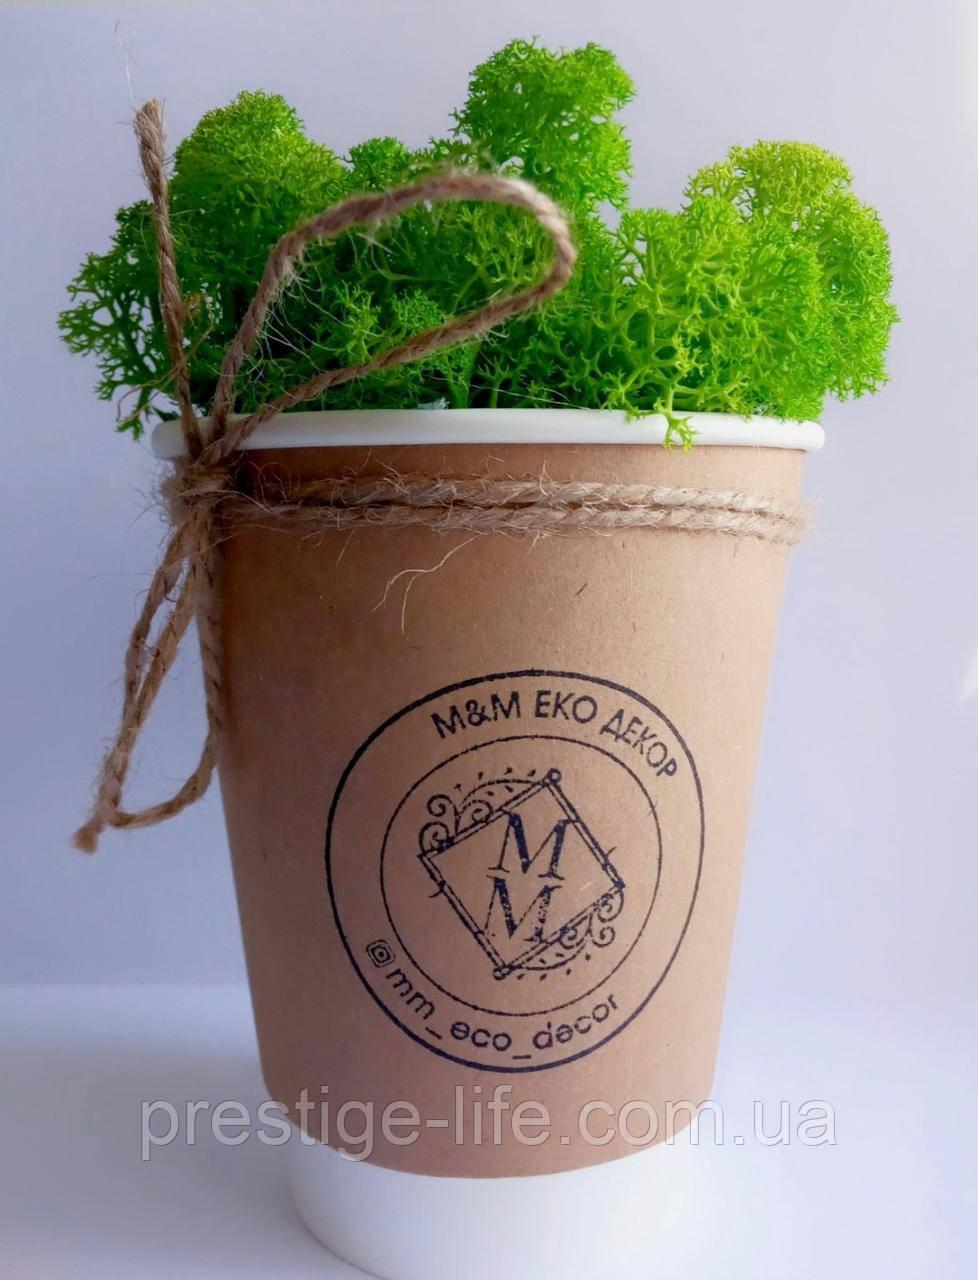 Мох в крафтовом стаканчике, стабилизированный мох, декор из мха, ягель